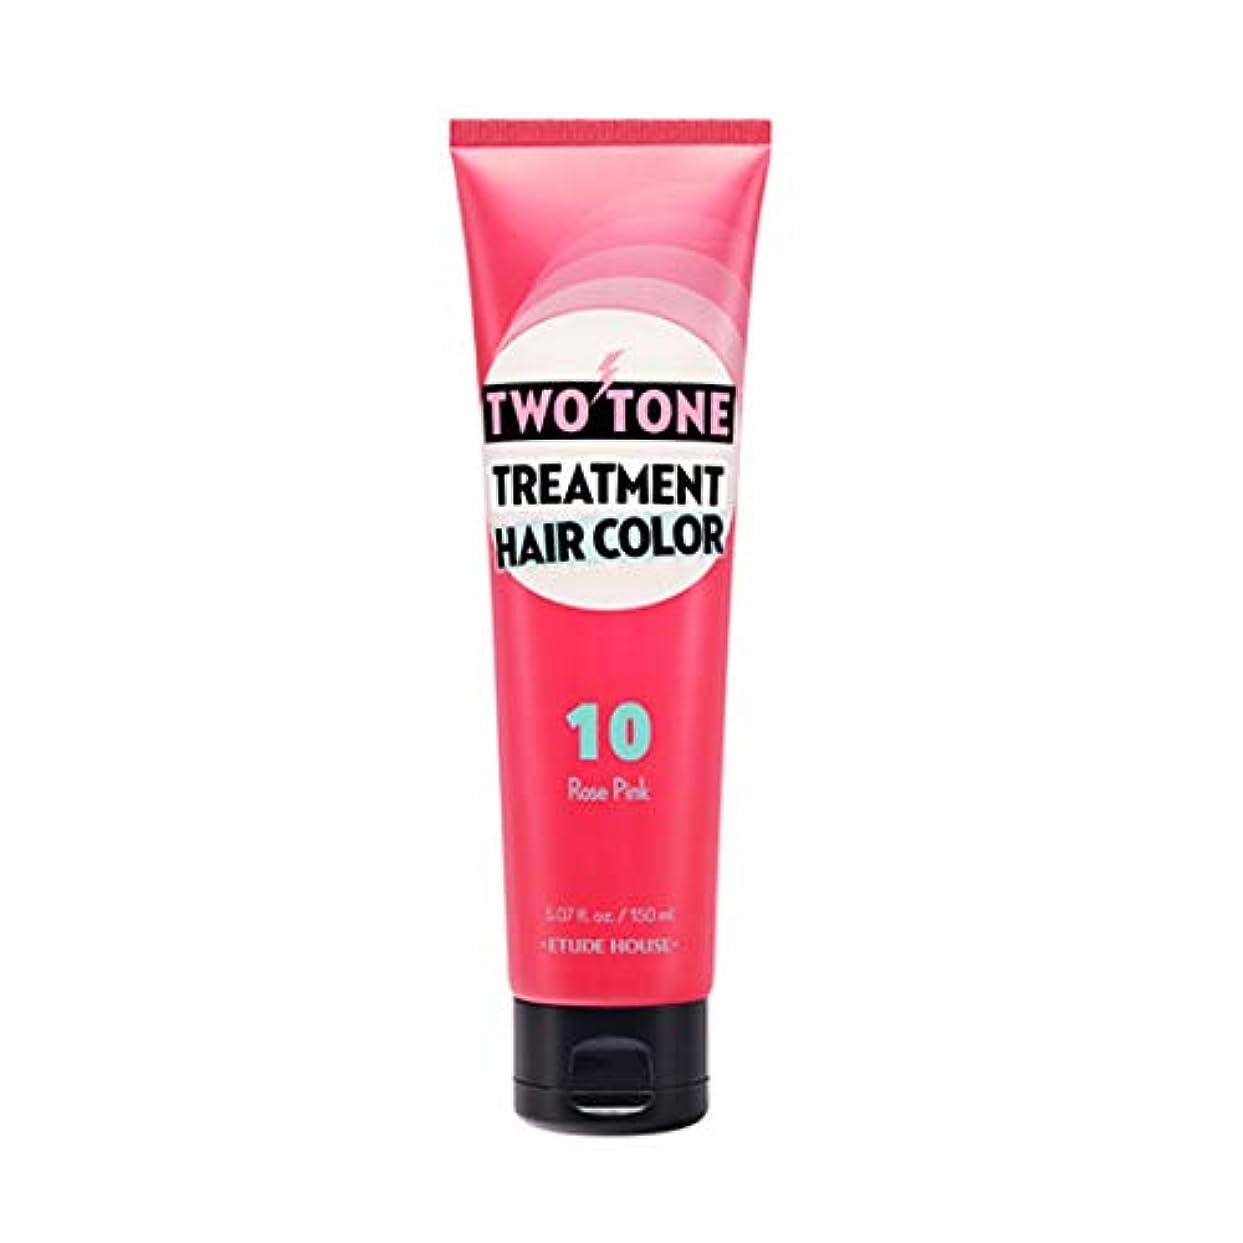 ポゴスティックジャンプ租界あたたかいETUDE HOUSE Two Tone Treatment Hair Color (#10 Rose Pink) エチュードハウス ツートントリートメントヘアカラー150ml (#10 ローズピンク)